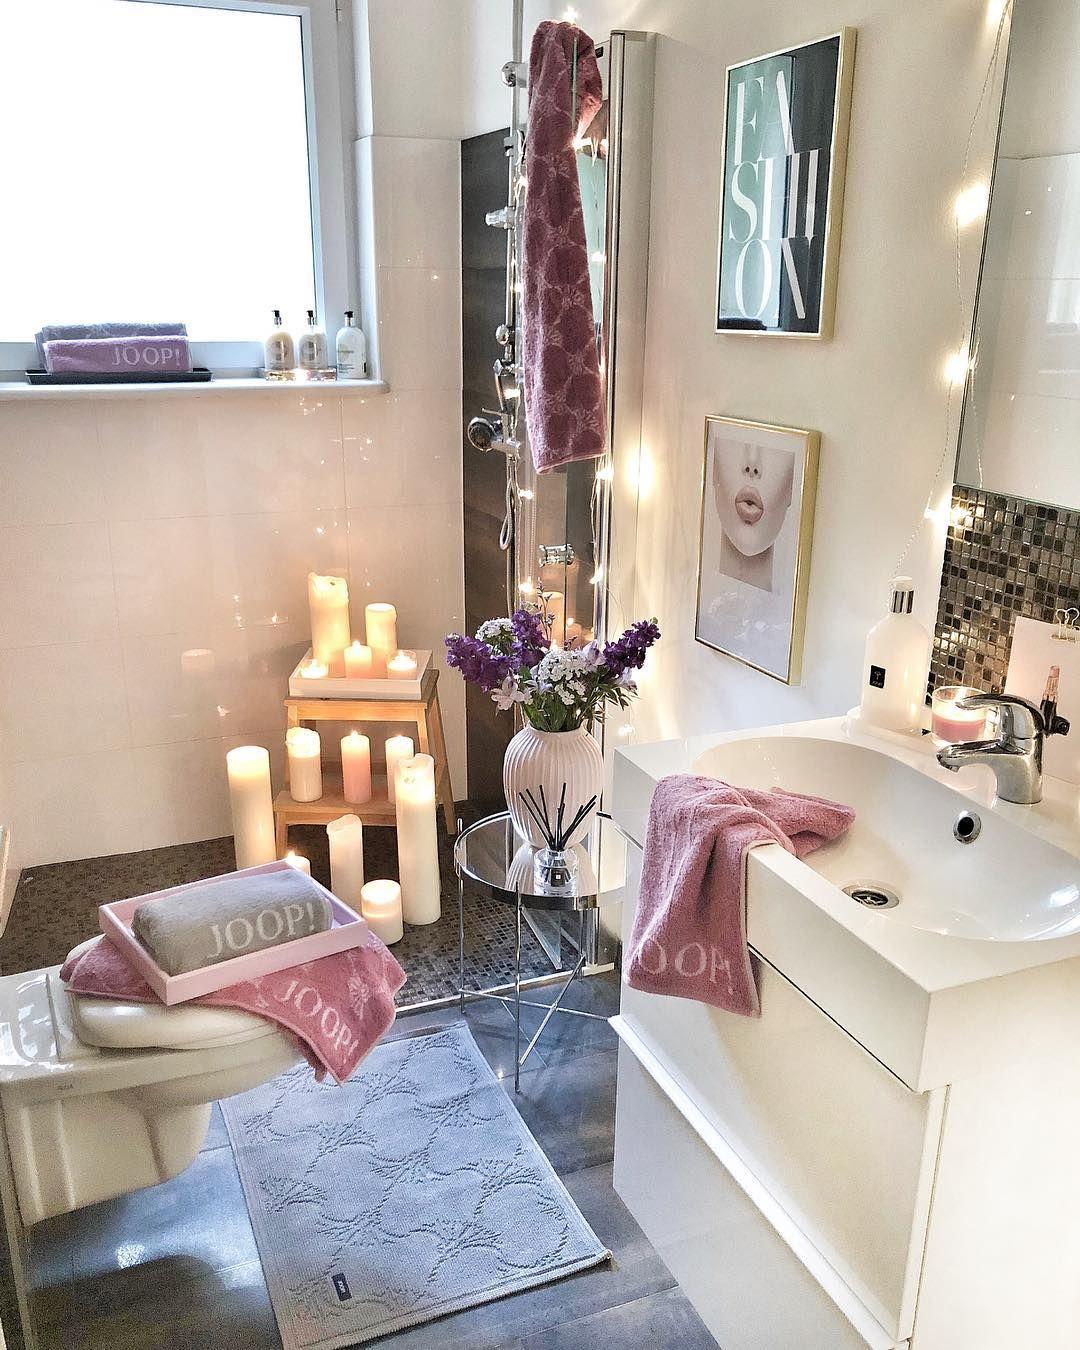 M E L I K E On Instagram Werbung Advertisement Kooperation Heute Weihnachtet Es In Der Joop Villa V With Images Bathroom Design Decor House Styles Interior